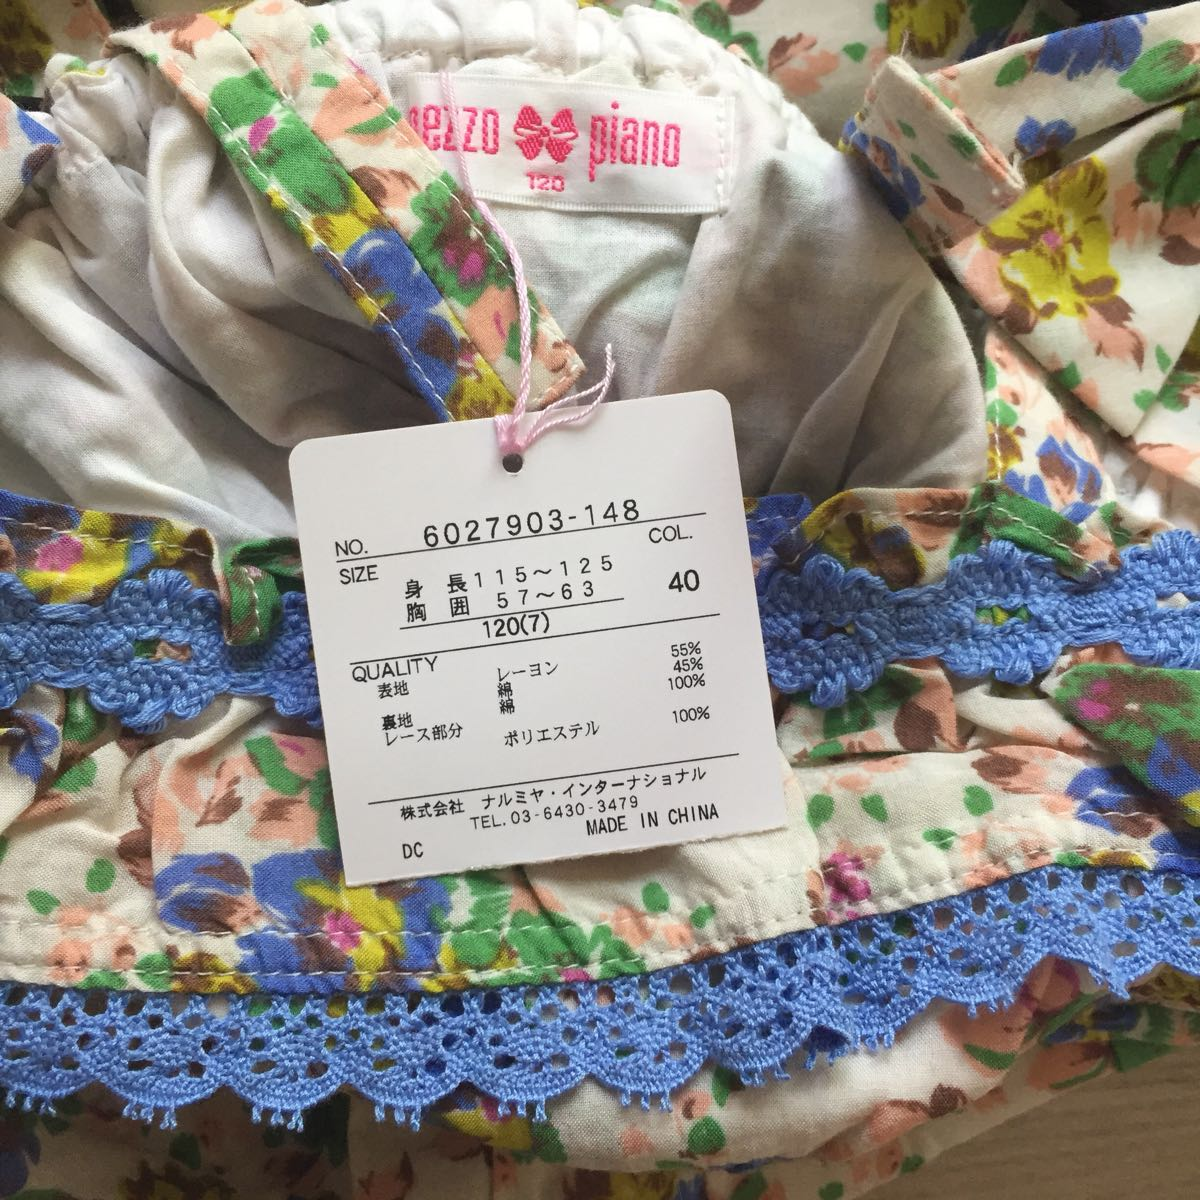 新品タグ 未使用 未着 mezzo pianoメゾピアノ 綿混 可愛い花柄フリルスカートワンピース サイズ120 オフホワイト、ピンク、青、黄_画像6